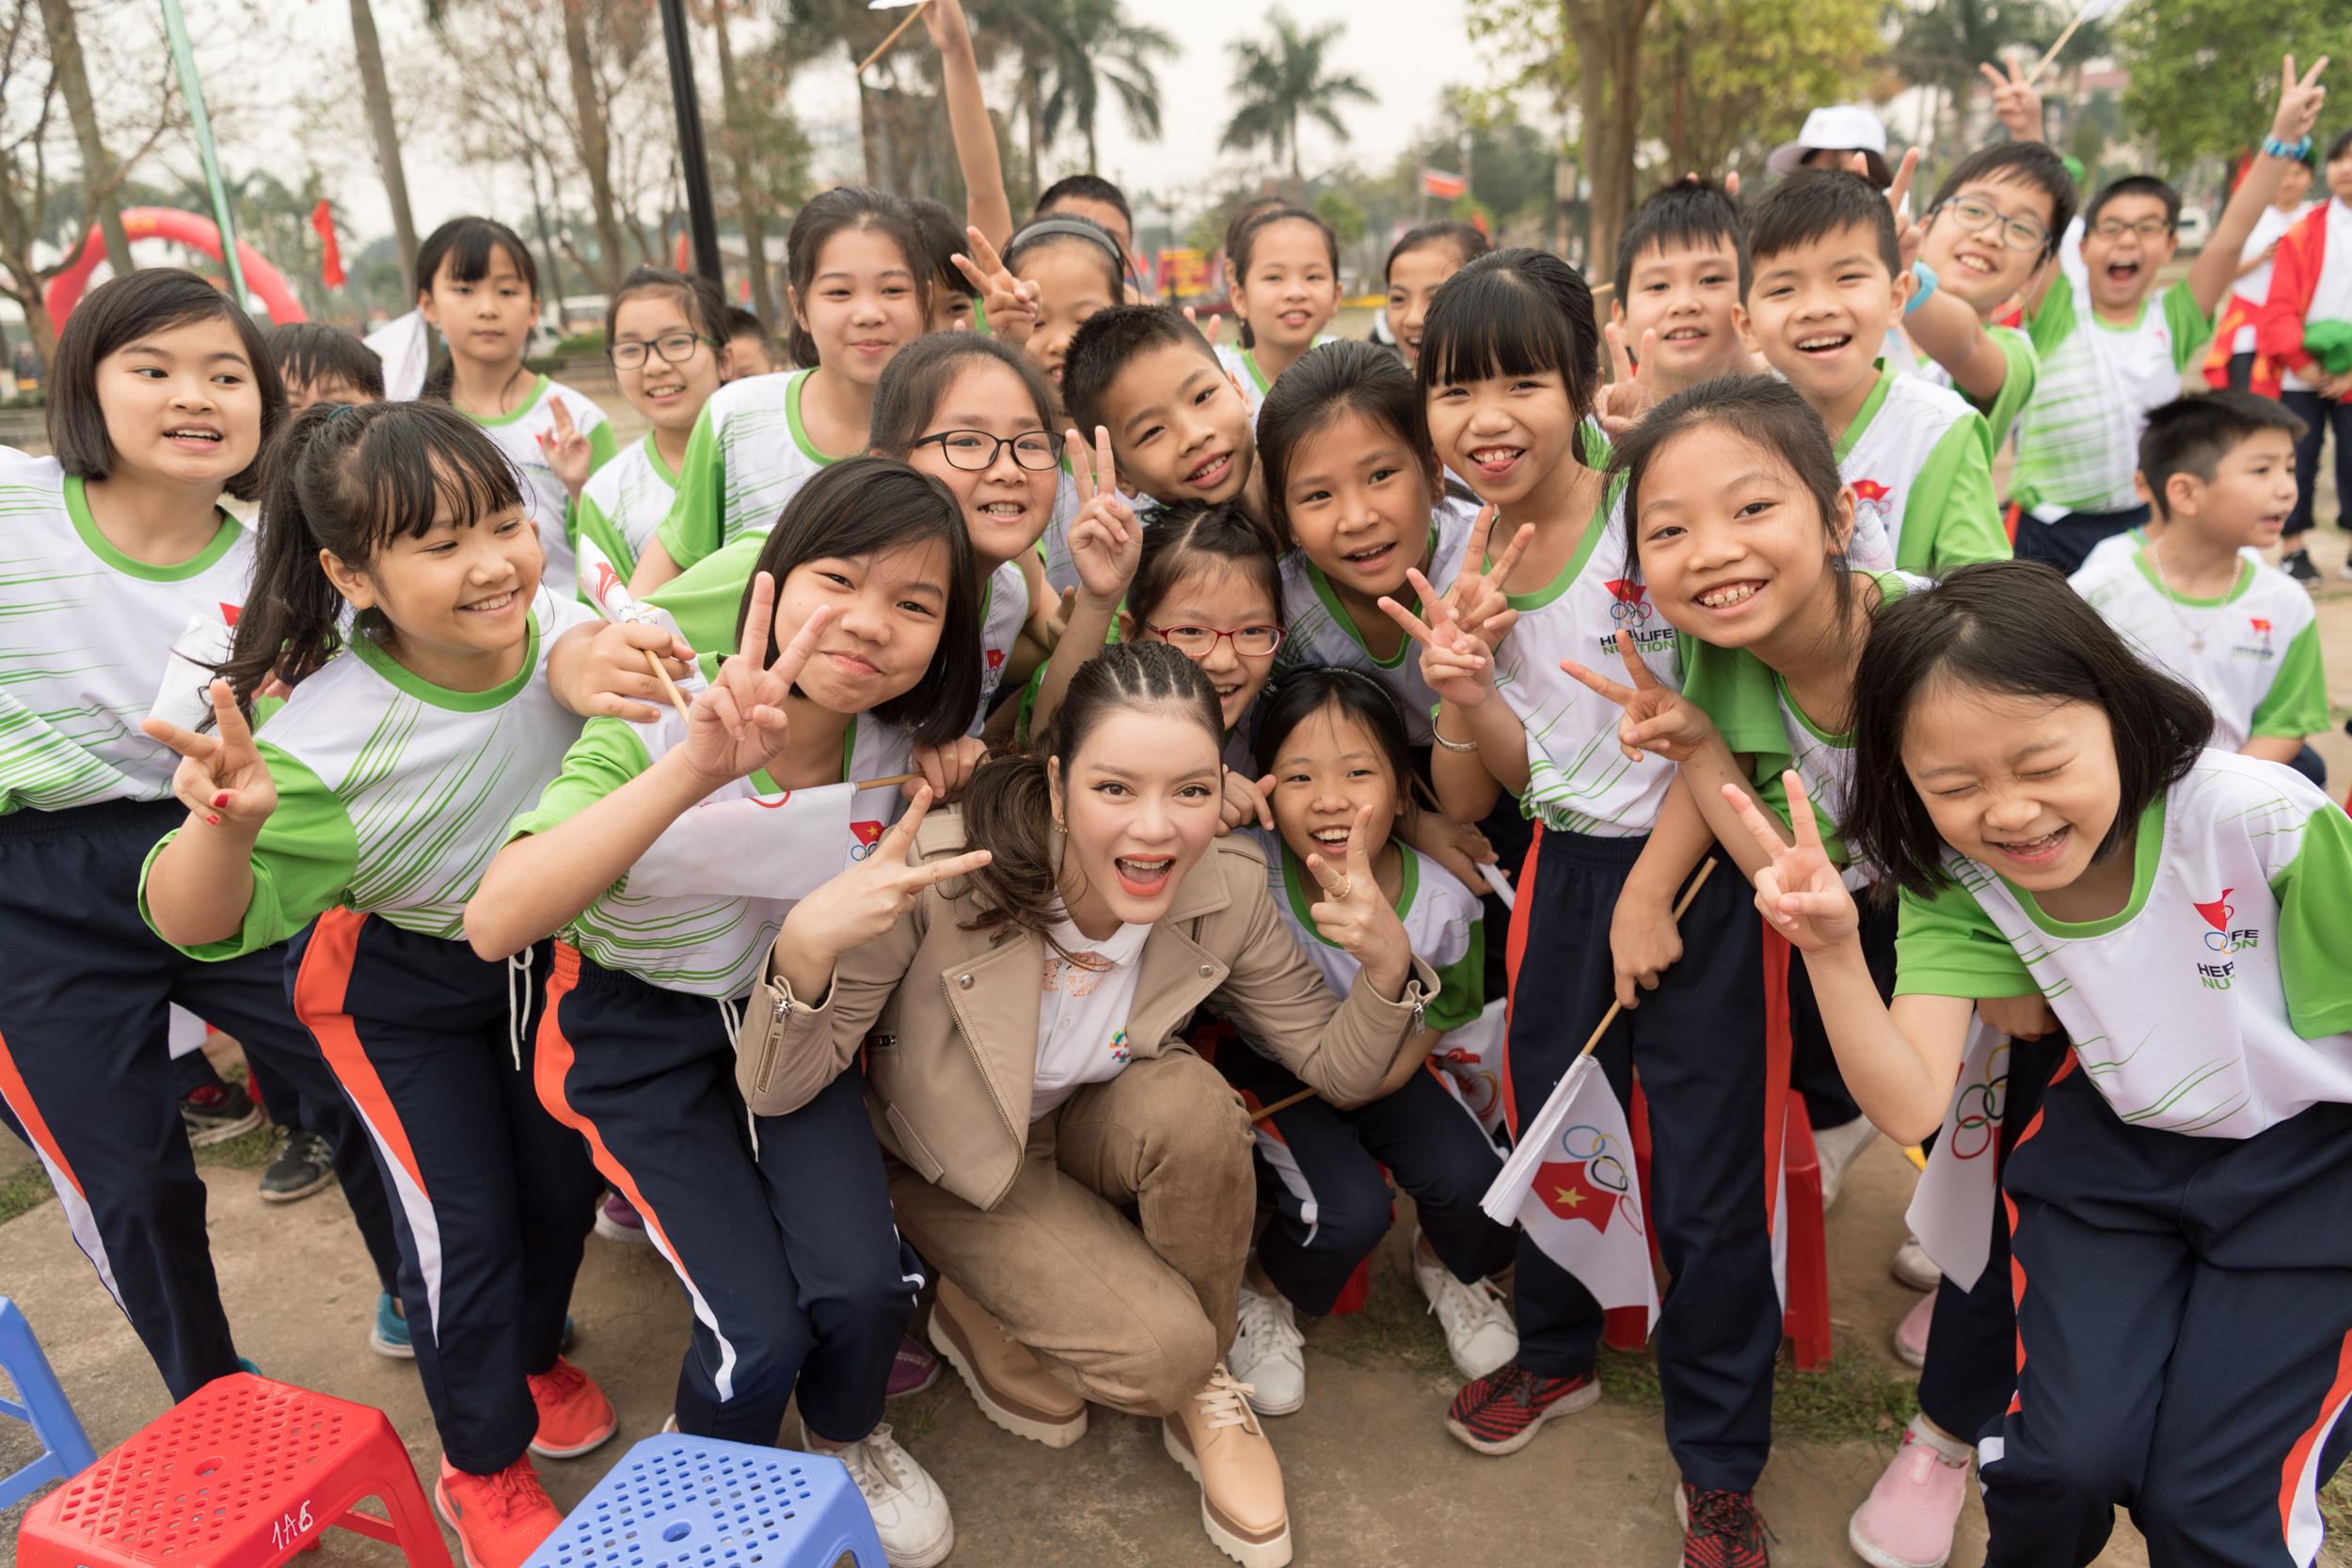 Lý Nhã Kỳ trẻ trung đầy sức sống tham gia chạy hưởng ứng Asiad 18